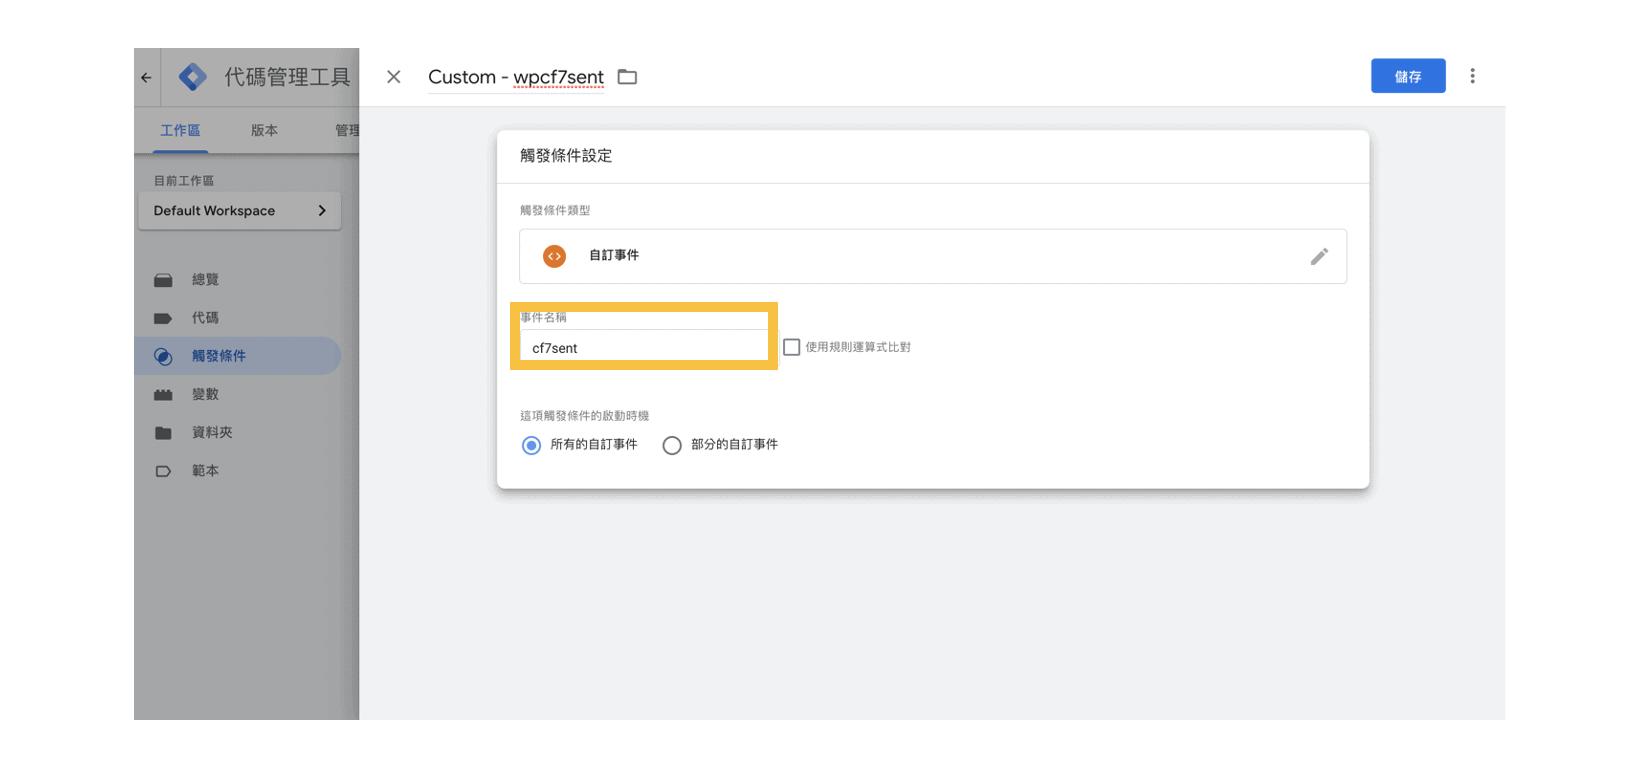 設定Contact Form 7事件追蹤及目標追蹤-28